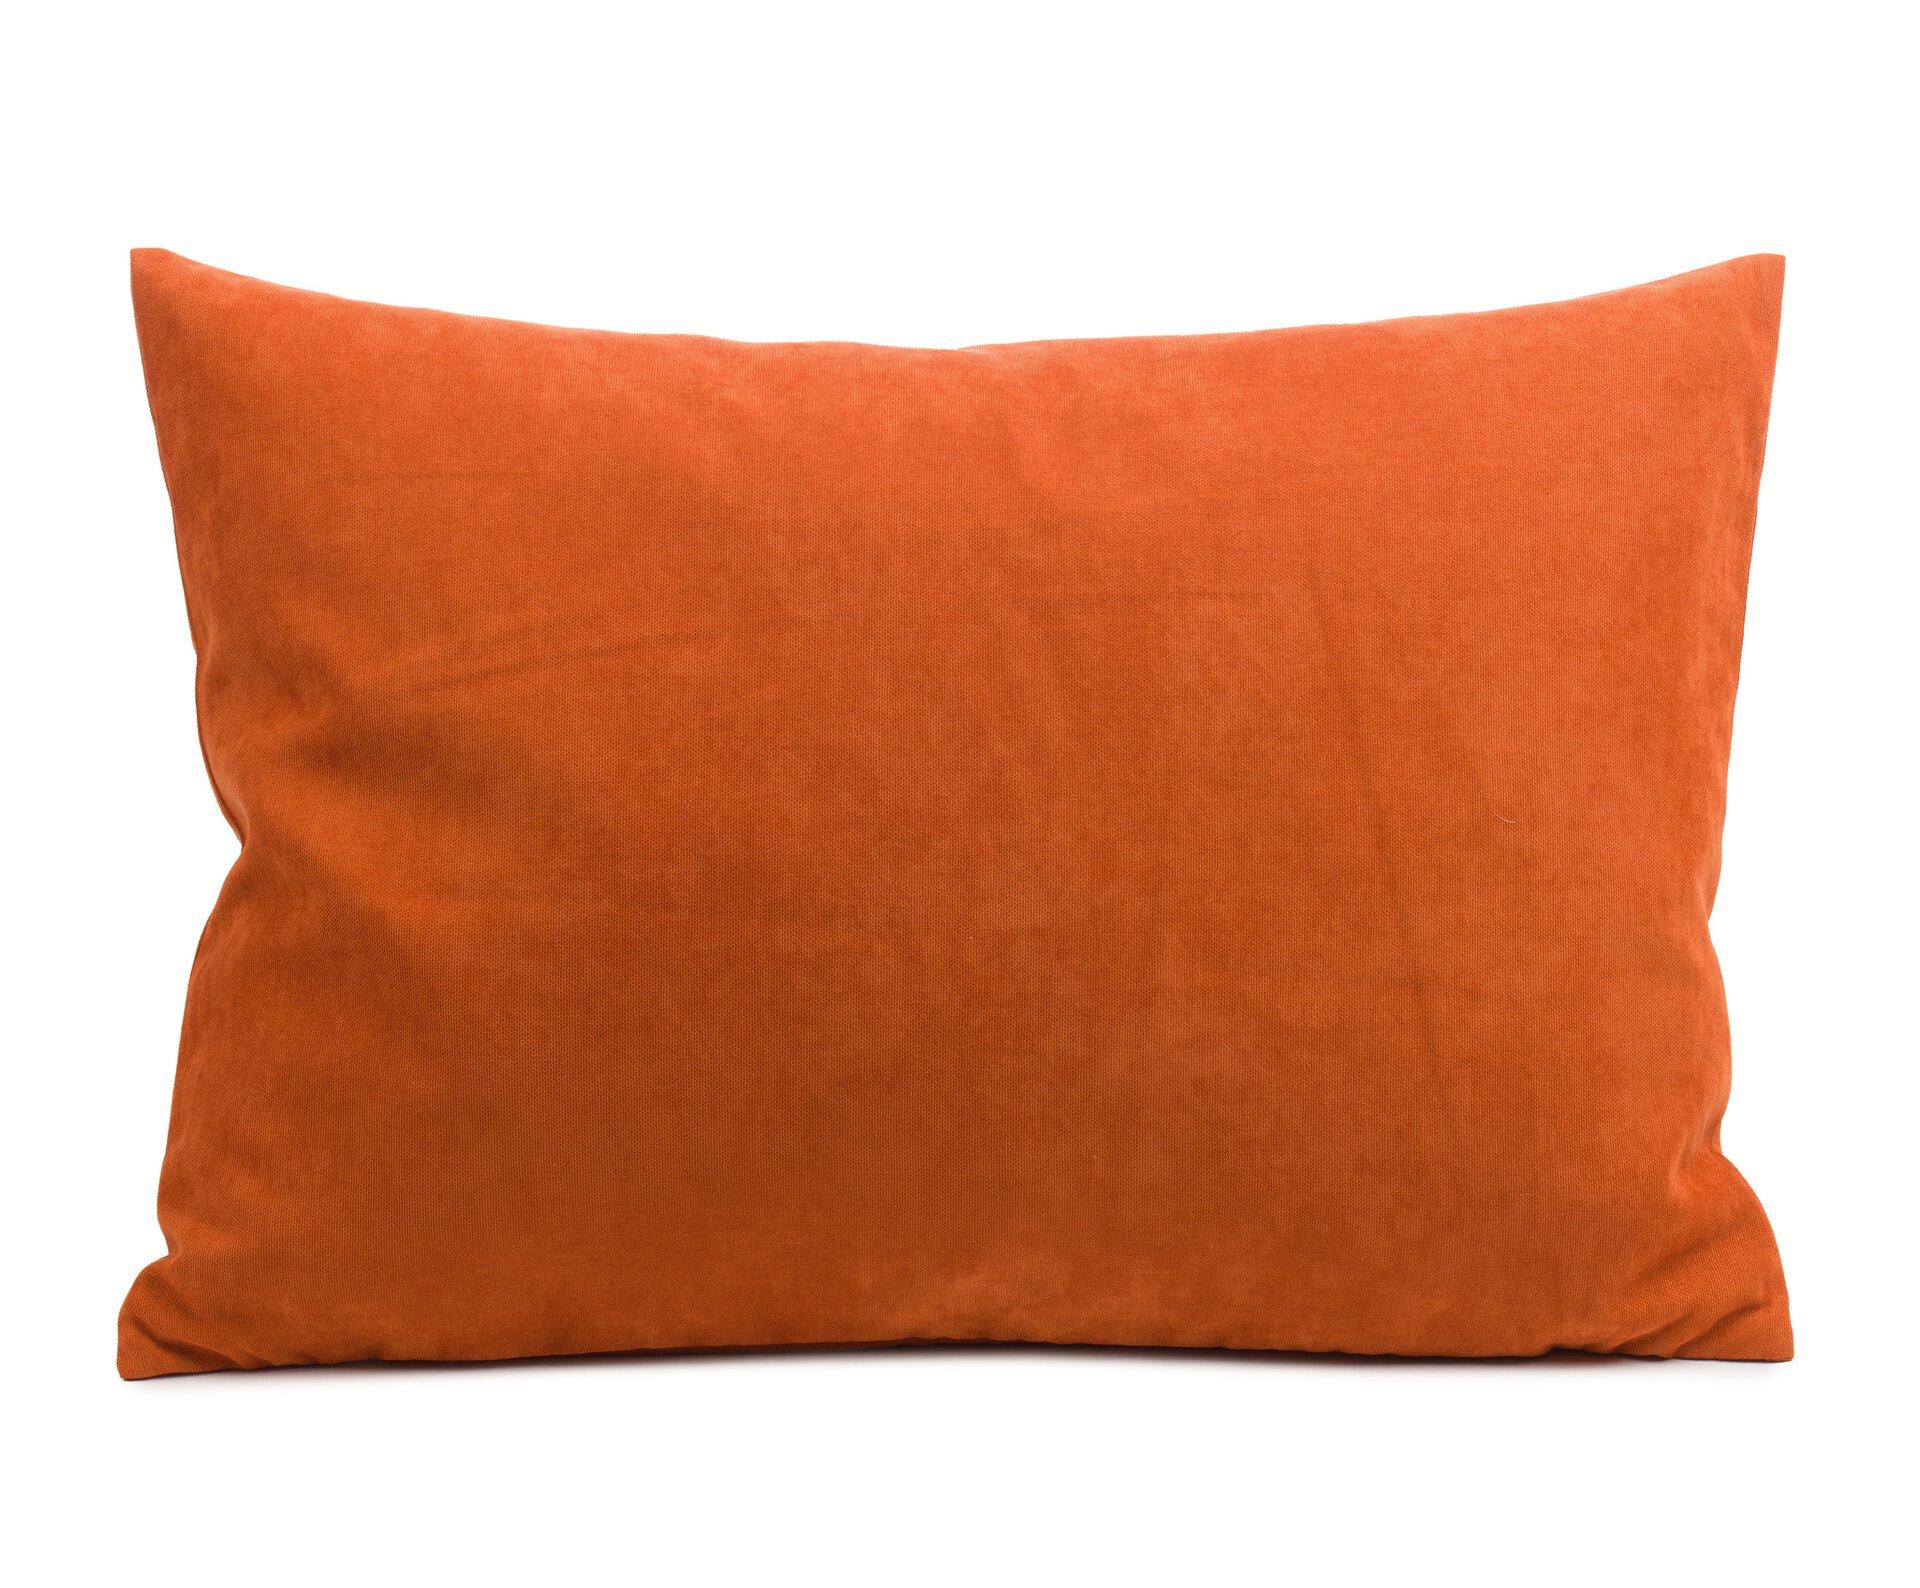 Kissenhülle Dante Ambiente Trendlife Textil orange 40 x 60 cm